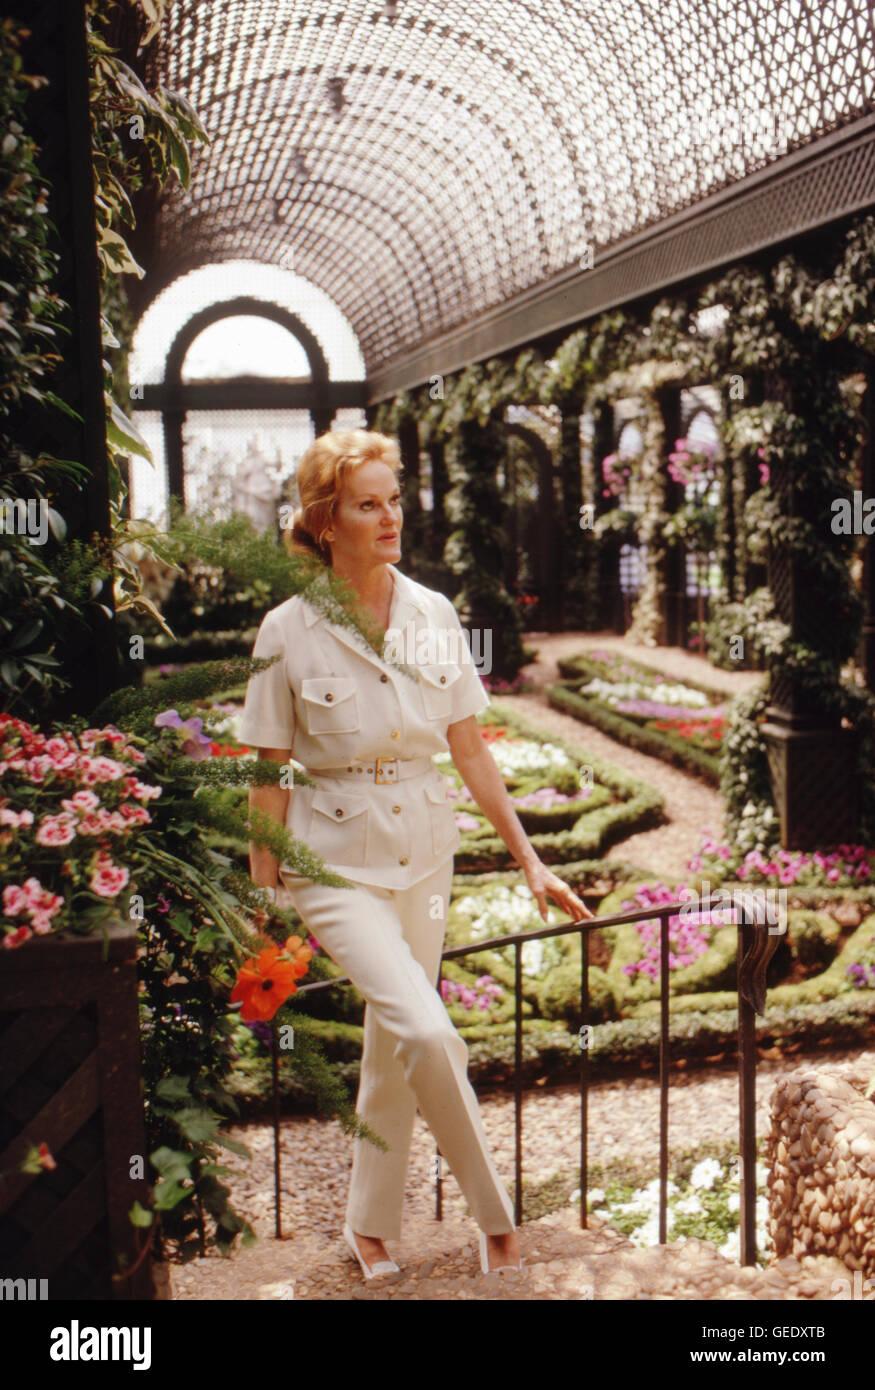 Doris Duke, heiress, at Duke Gardens in 1968. - Stock Image